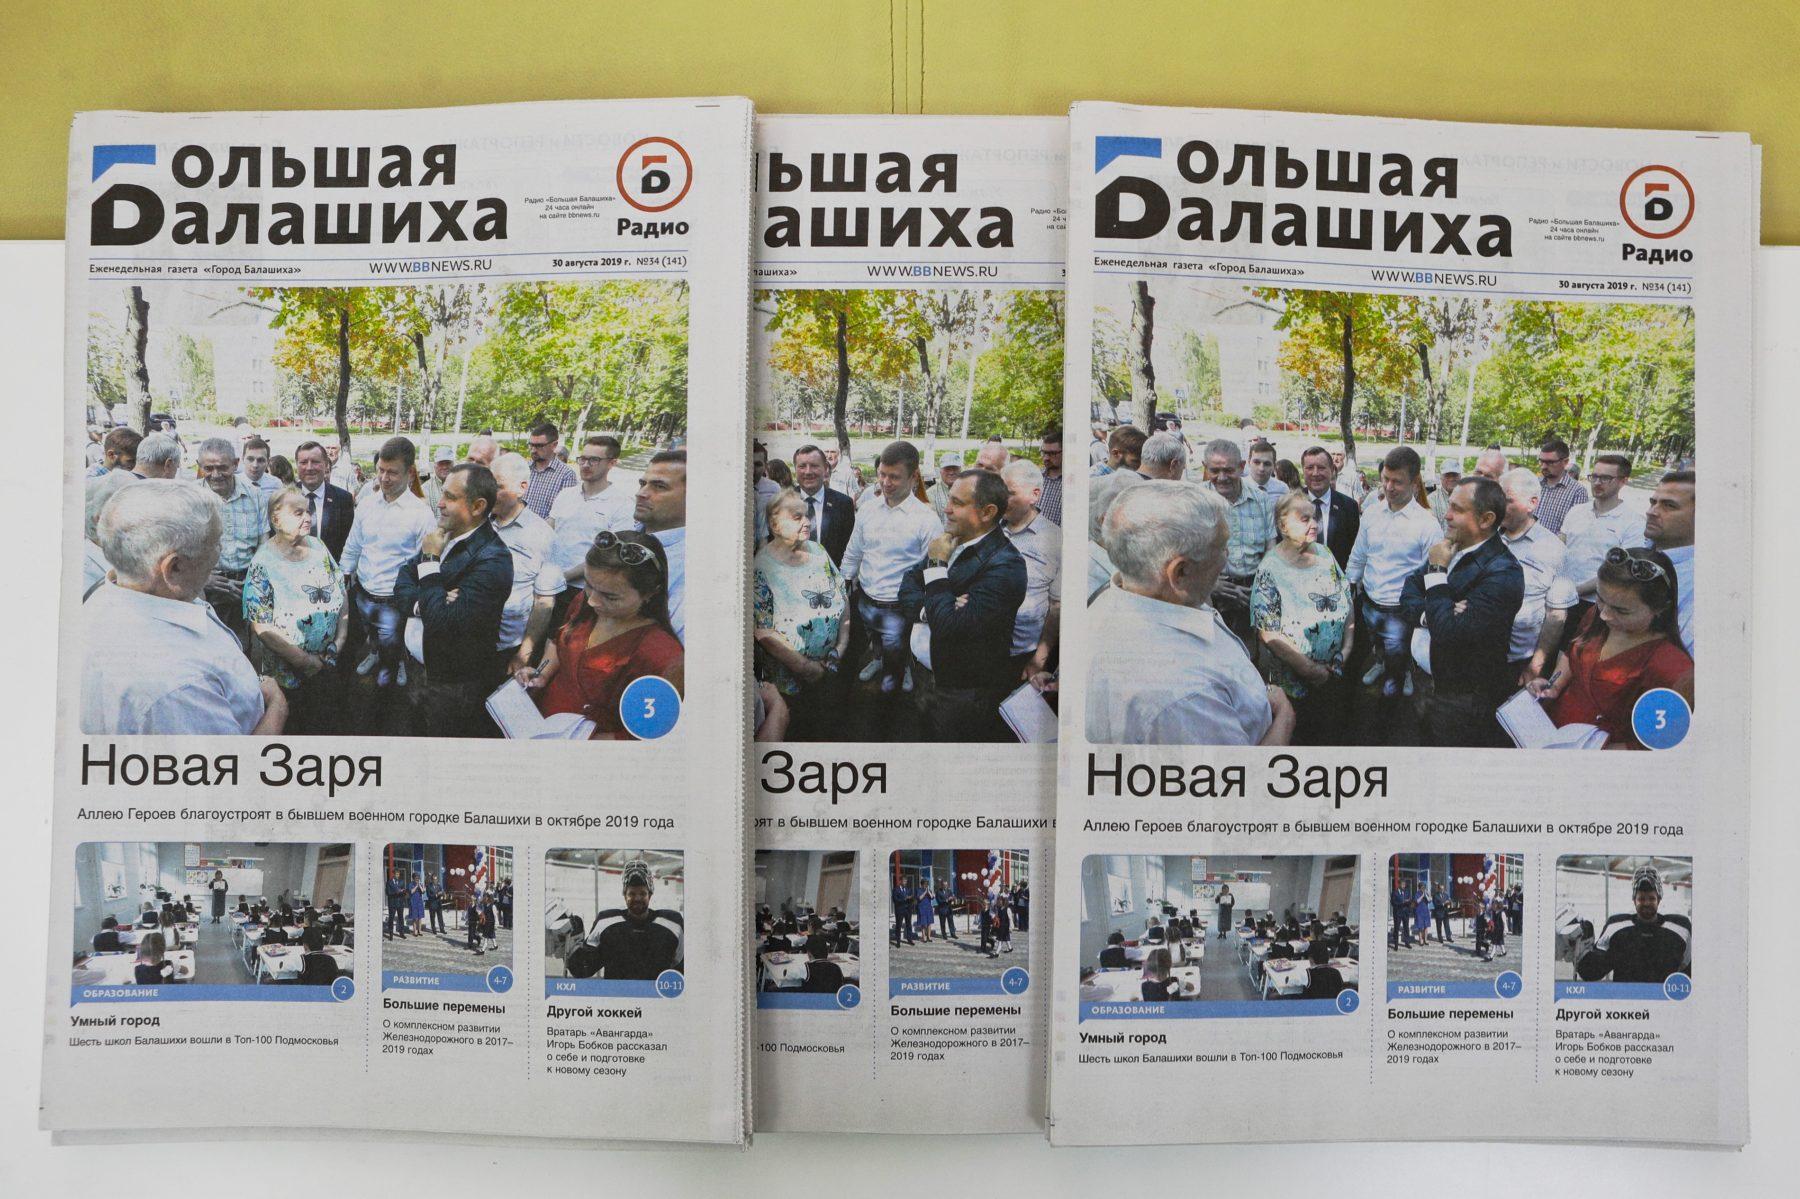 Вышла газета «Город Балашиха» №34 (141)